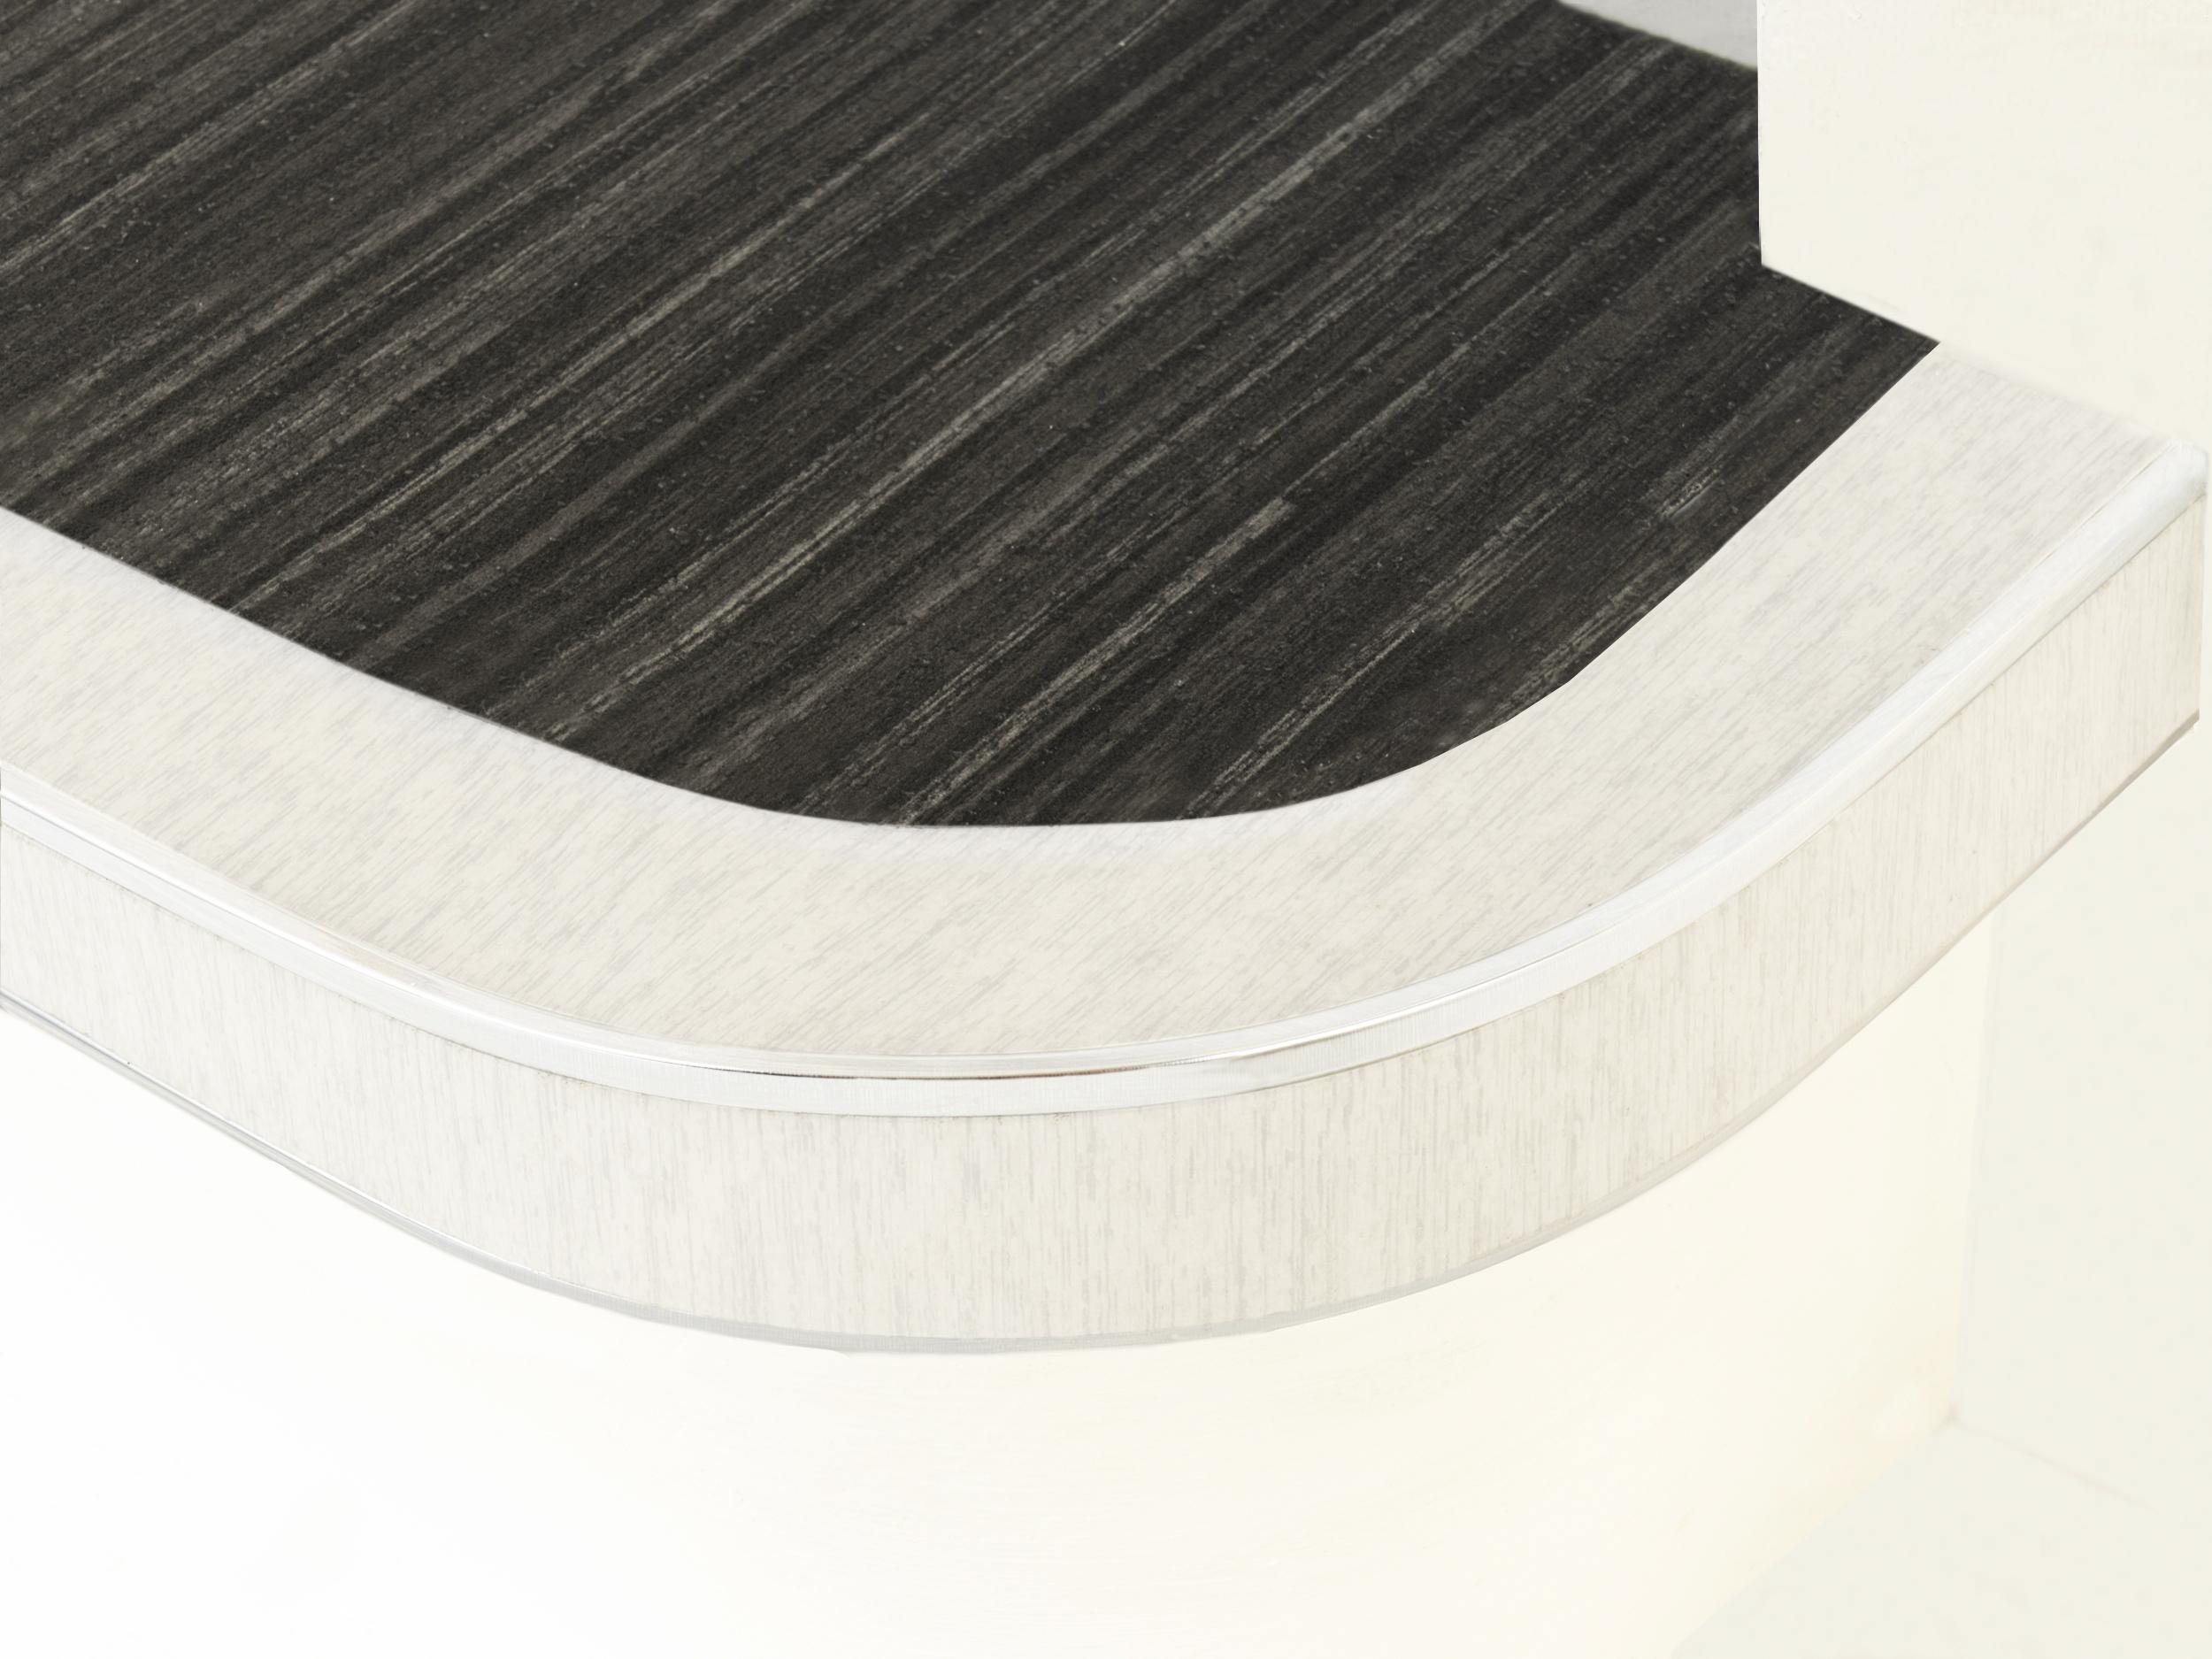 stairrods-safety-floor-chrome-bendy-bull_edited-2.jpg